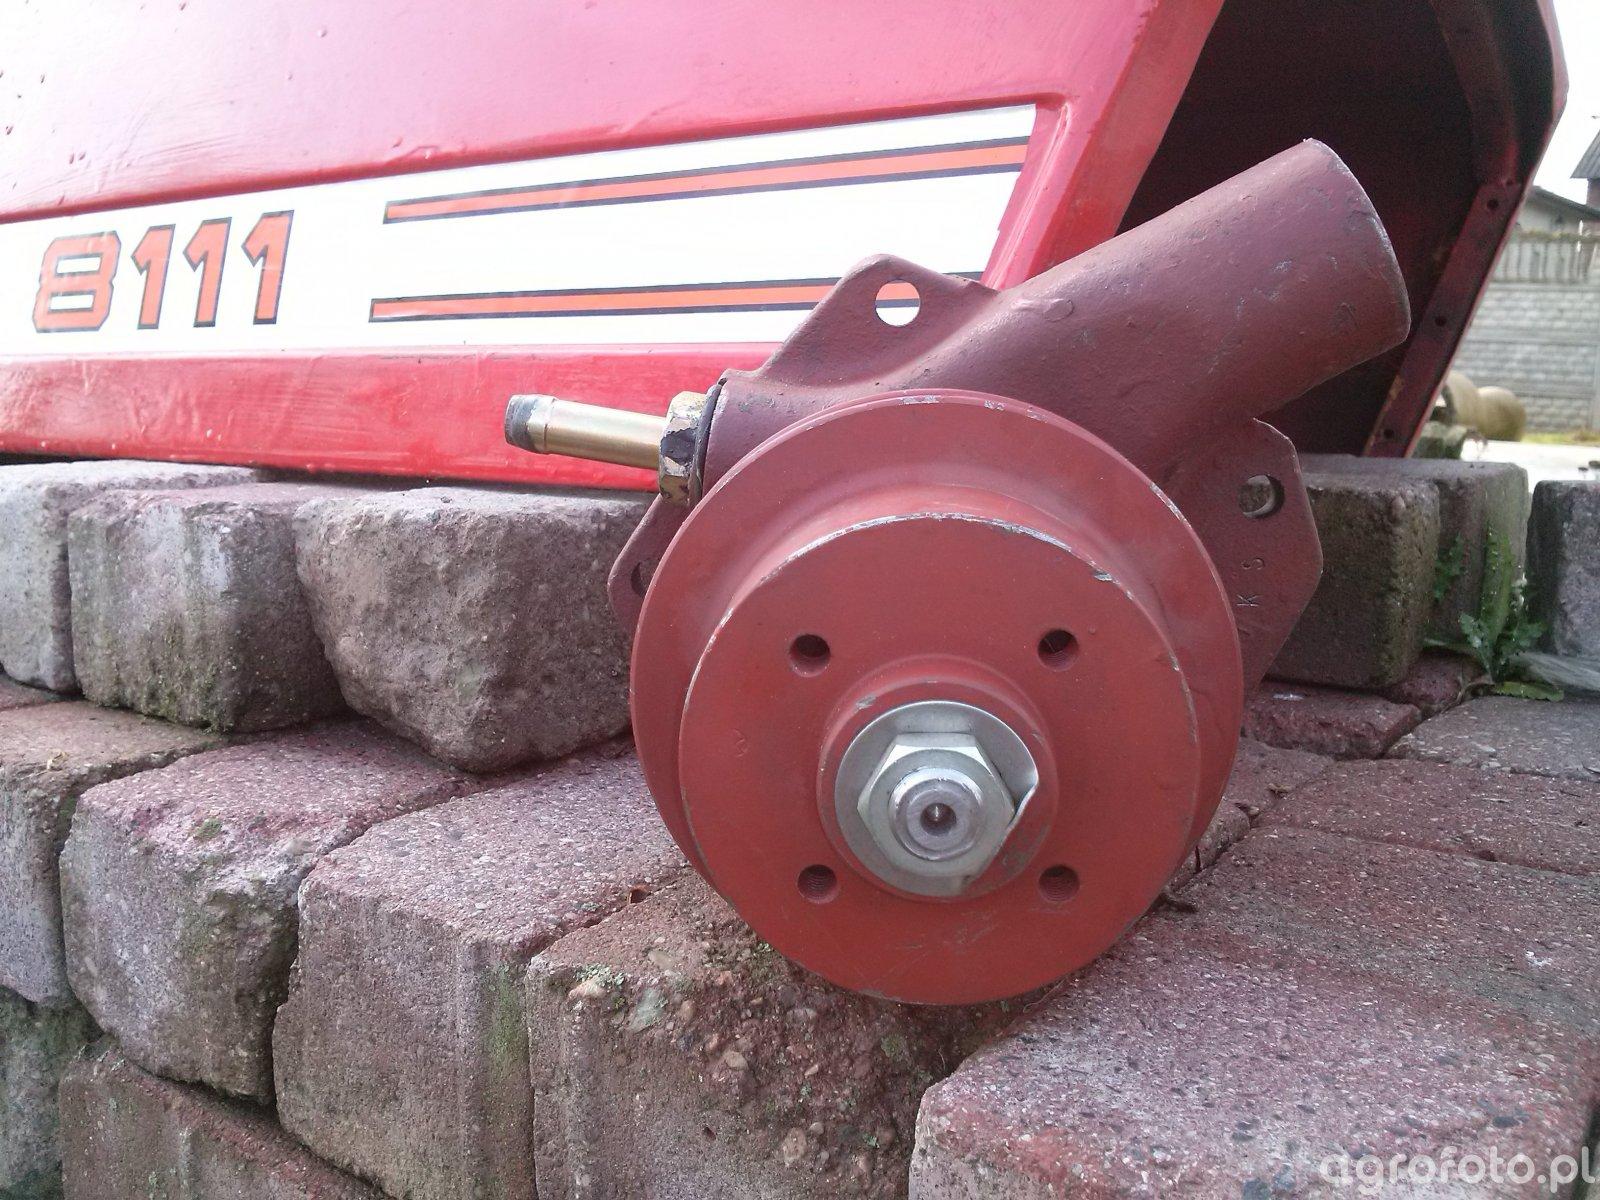 Pompa wody do Zetora 8011